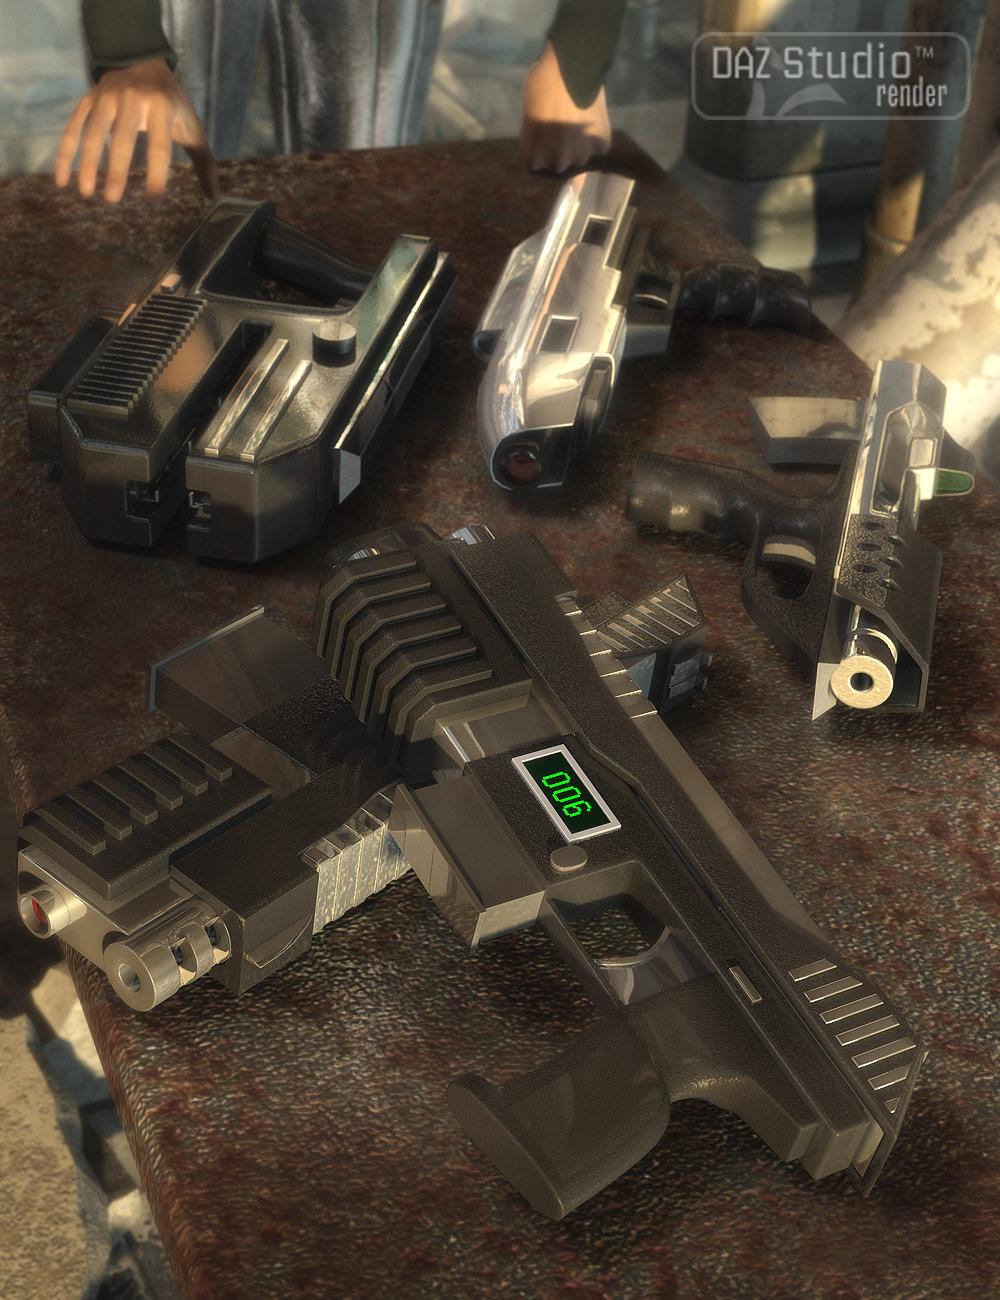 Science Fiction Pistols by: Valandar, 3D Models by Daz 3D